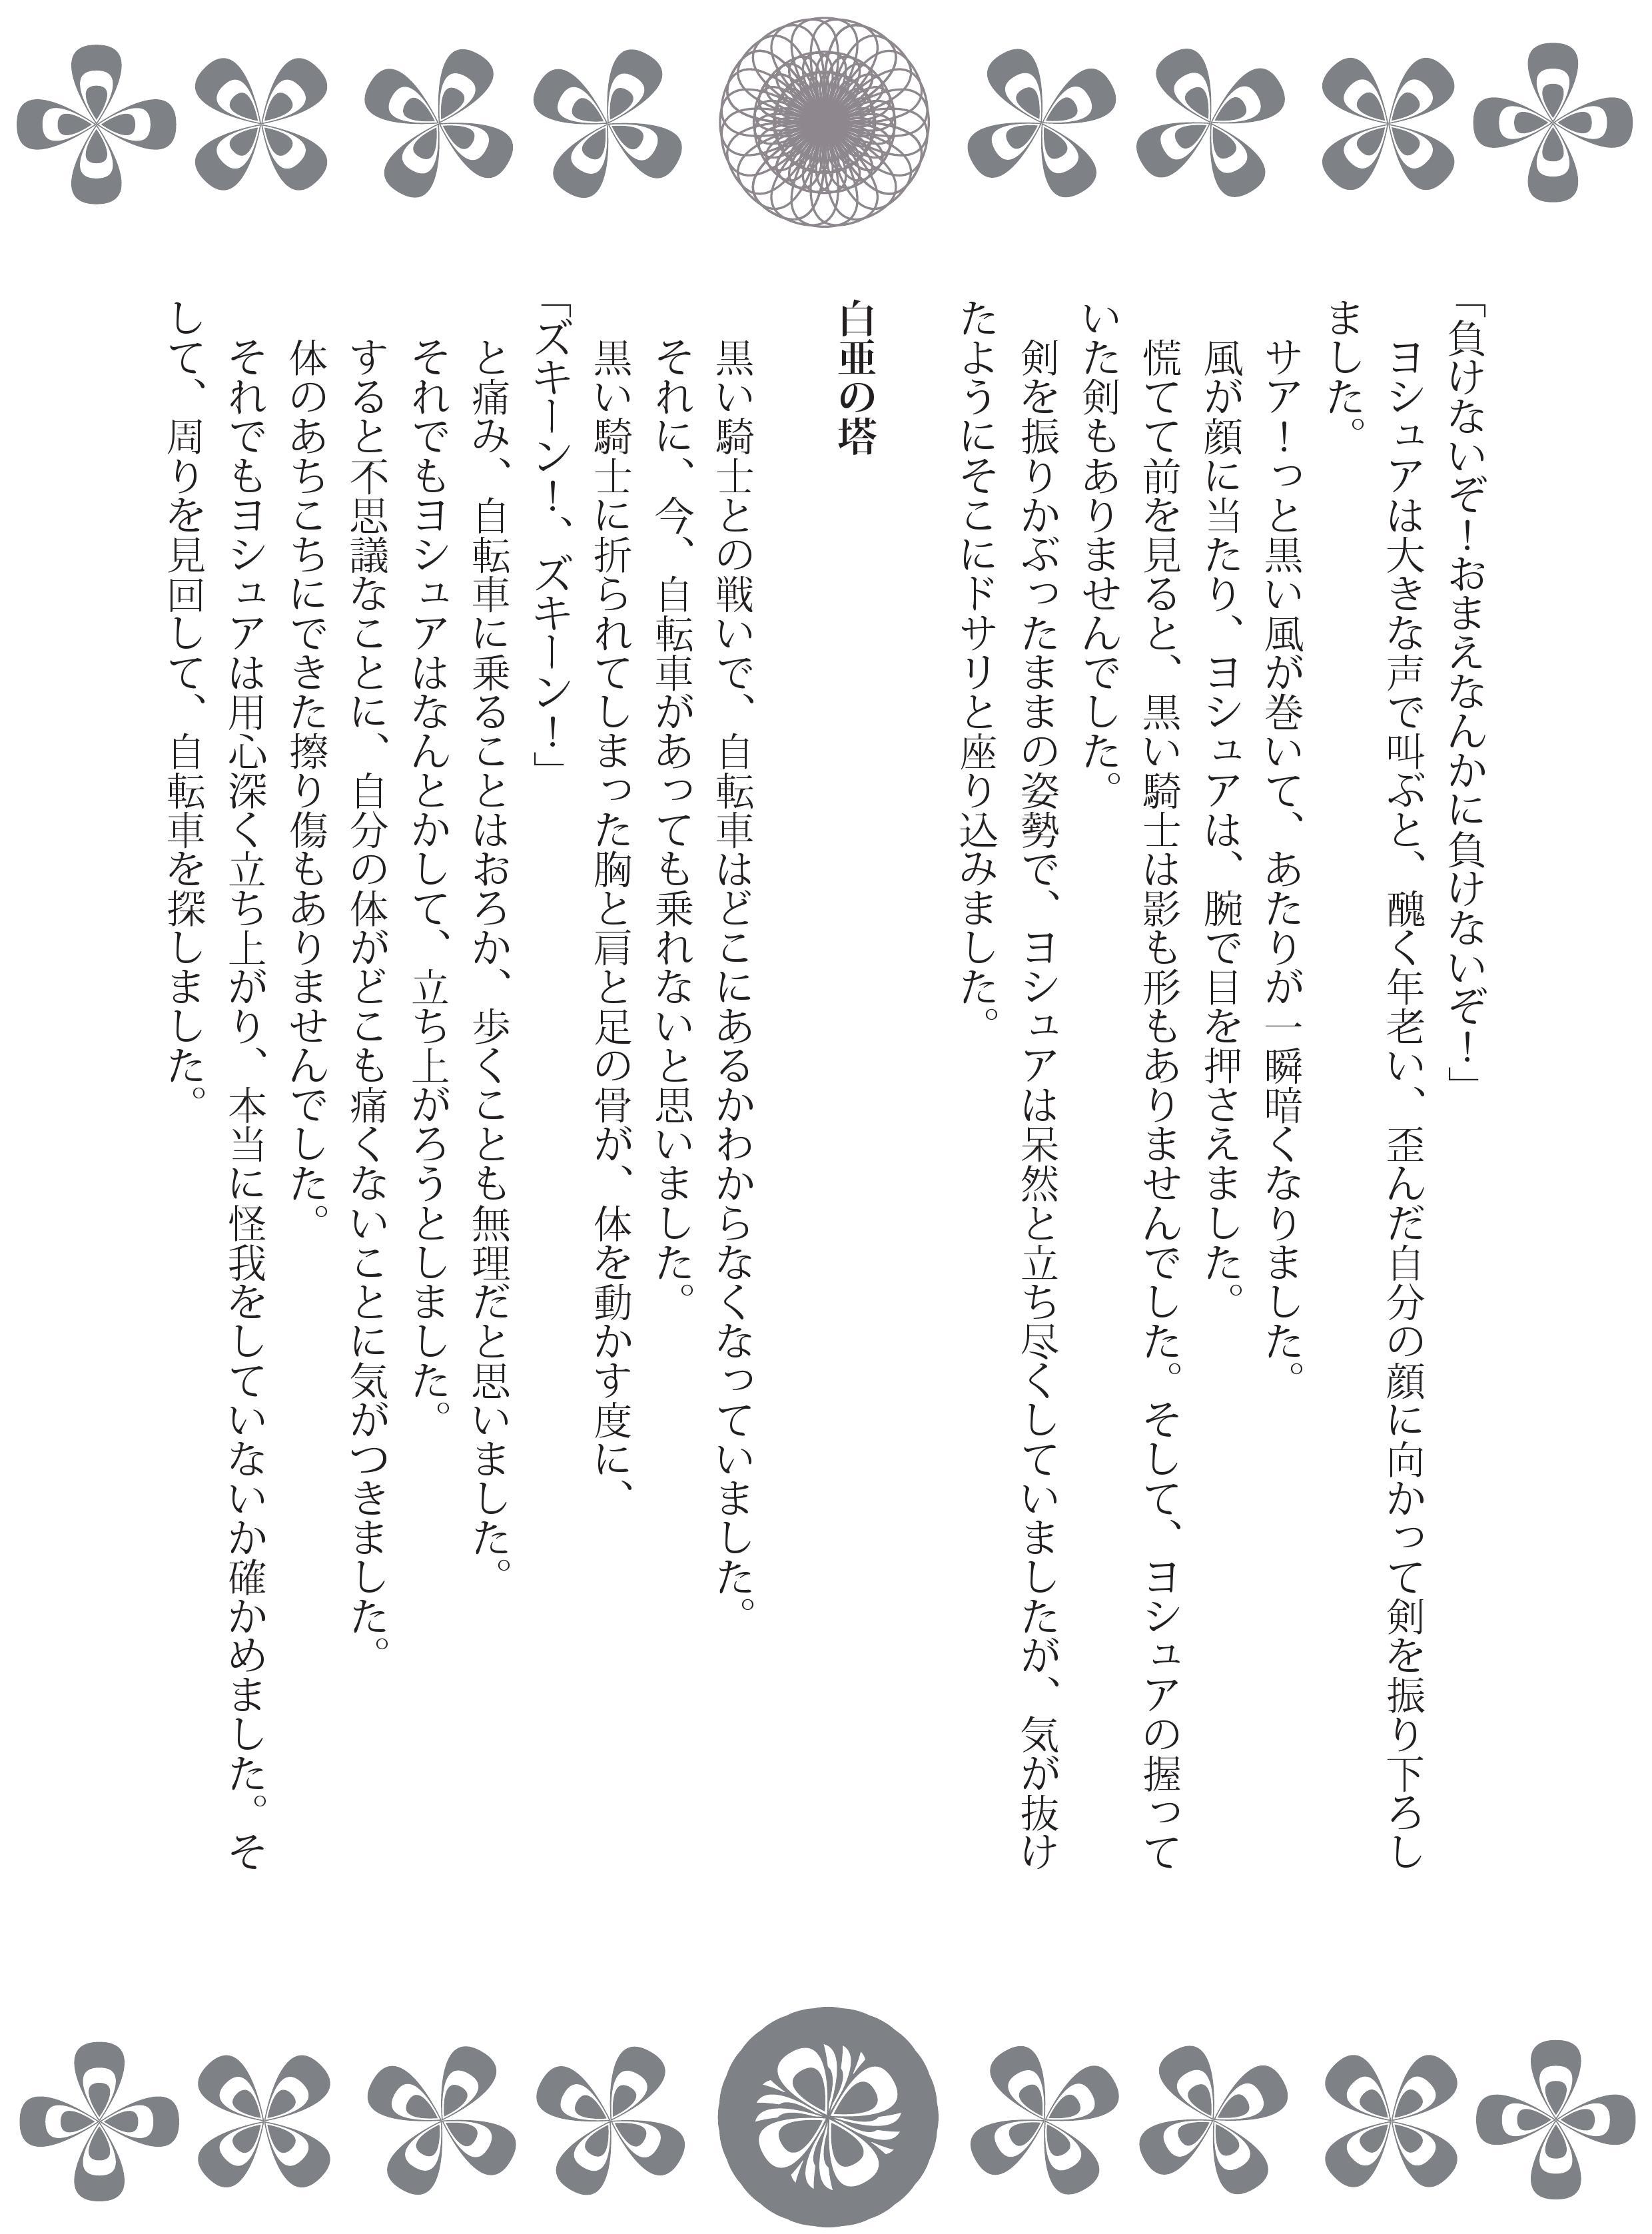 image_089